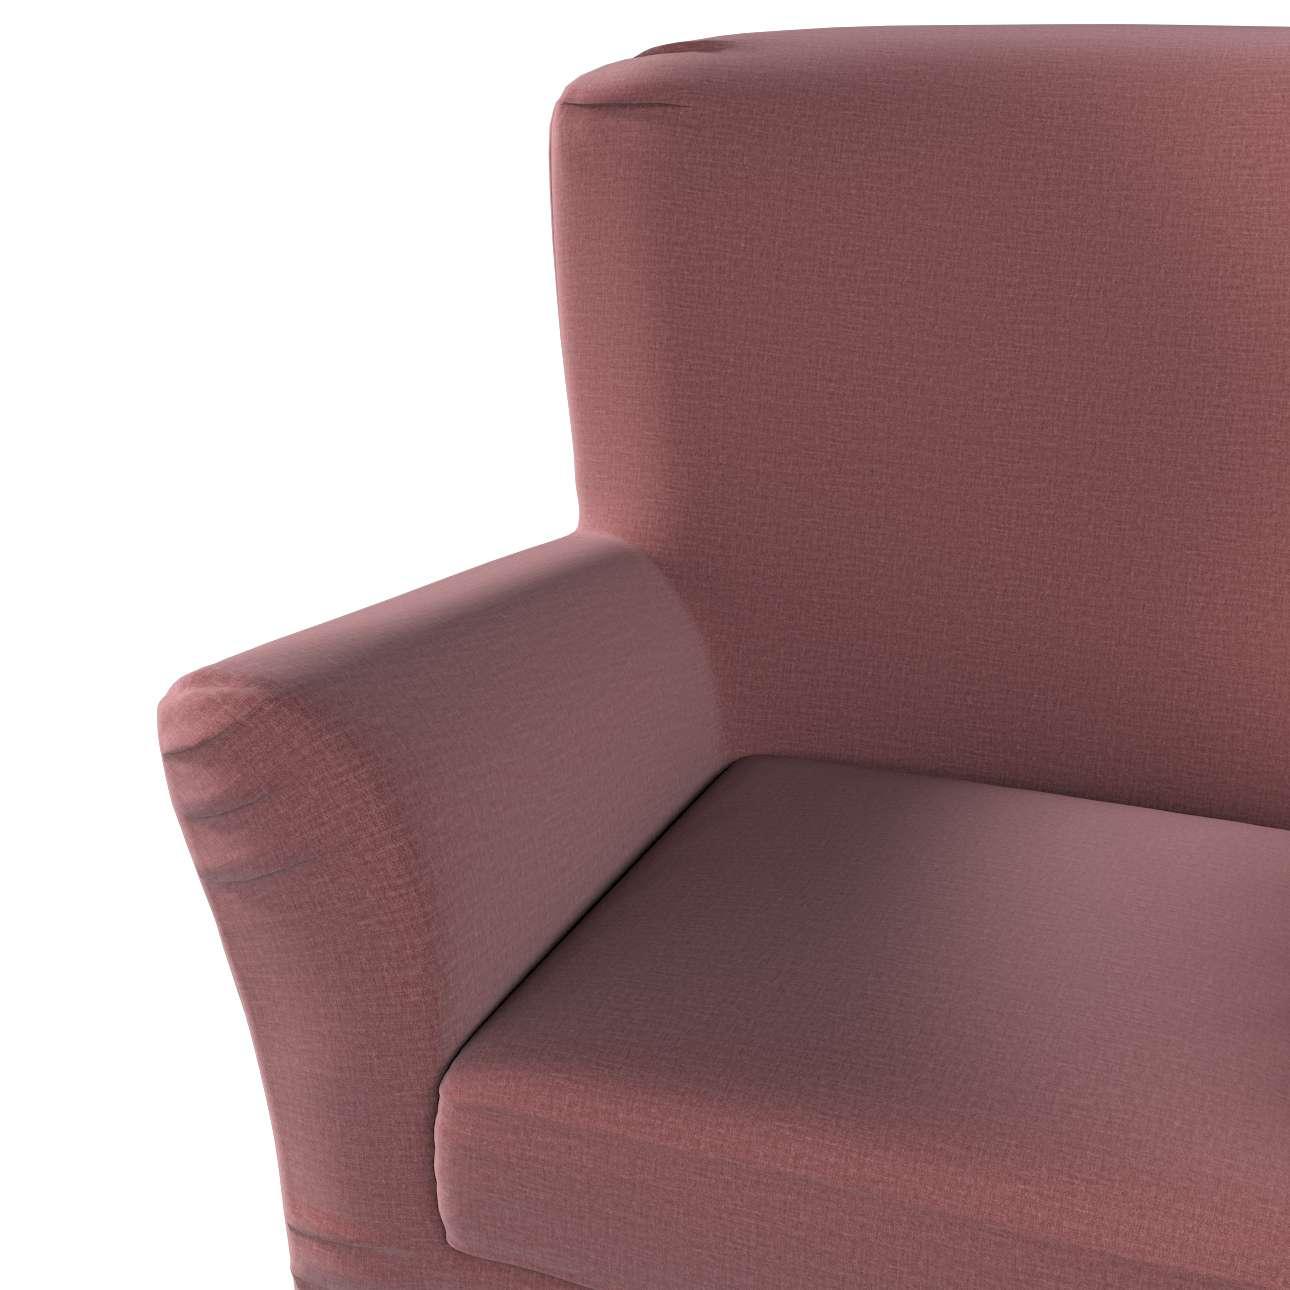 Pokrowiec na fotel Tomelilla z zakładkami w kolekcji Ingrid, tkanina: 705-38